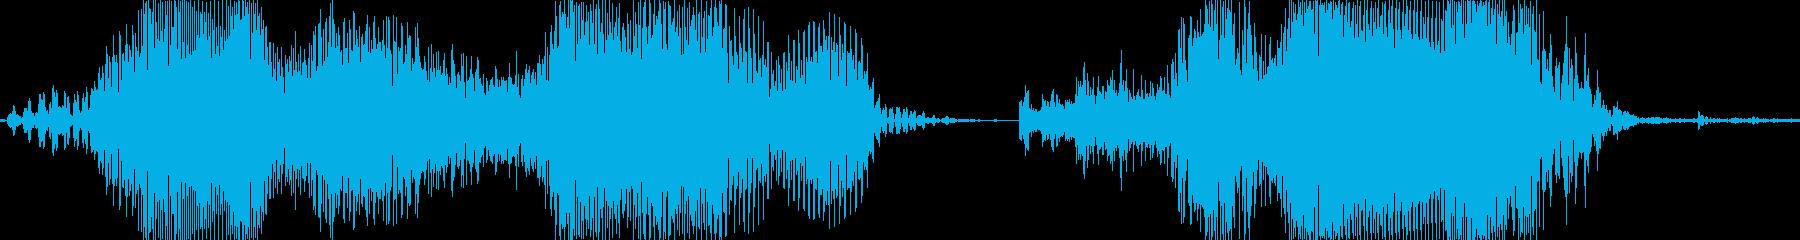 ミッションクリア!の再生済みの波形